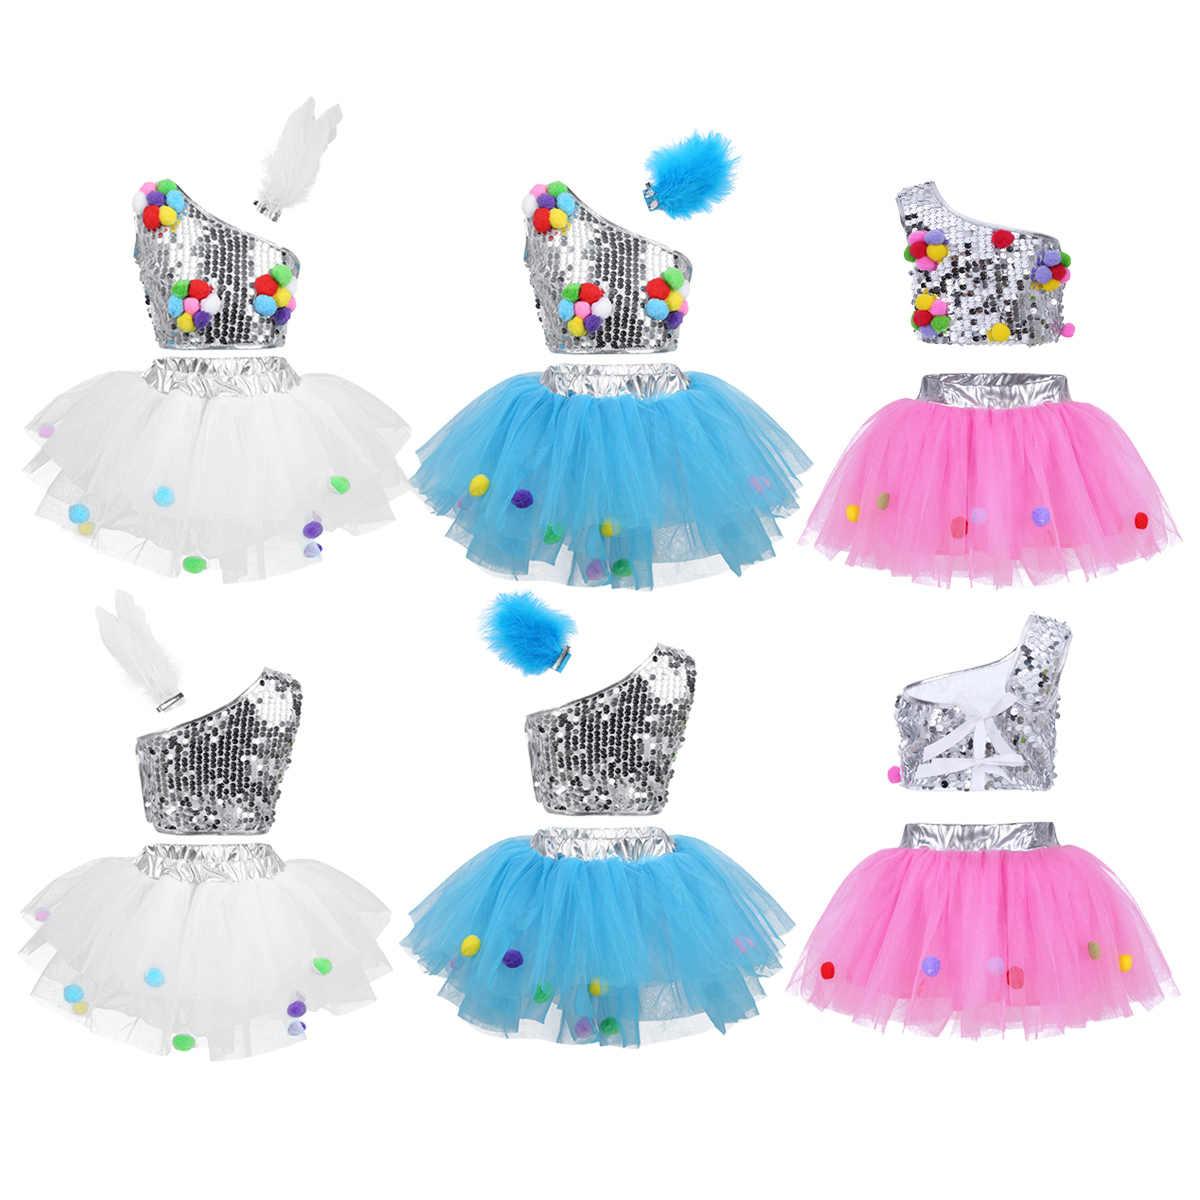 IIXPIN девушки Джаз платье для танцев наряд одно плечо блестками укороченный топ с сеткой юбка-пачка зажим для волос для джаз балетные балетный зал для танцев